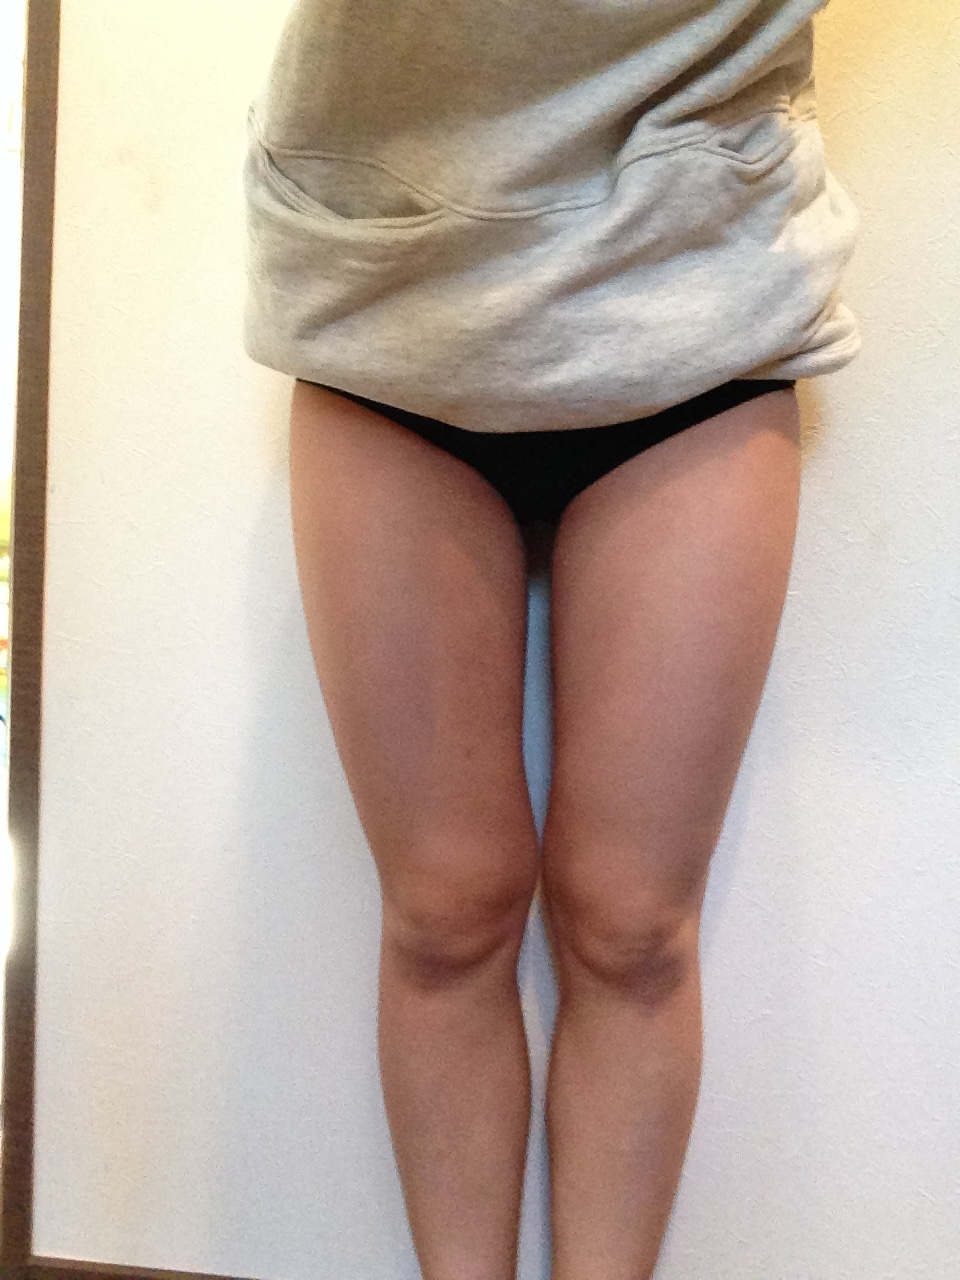 ベイザー脂肪吸引 太ももの脂肪吸引後 3カ月 コンデンスリッチ豊胸併用